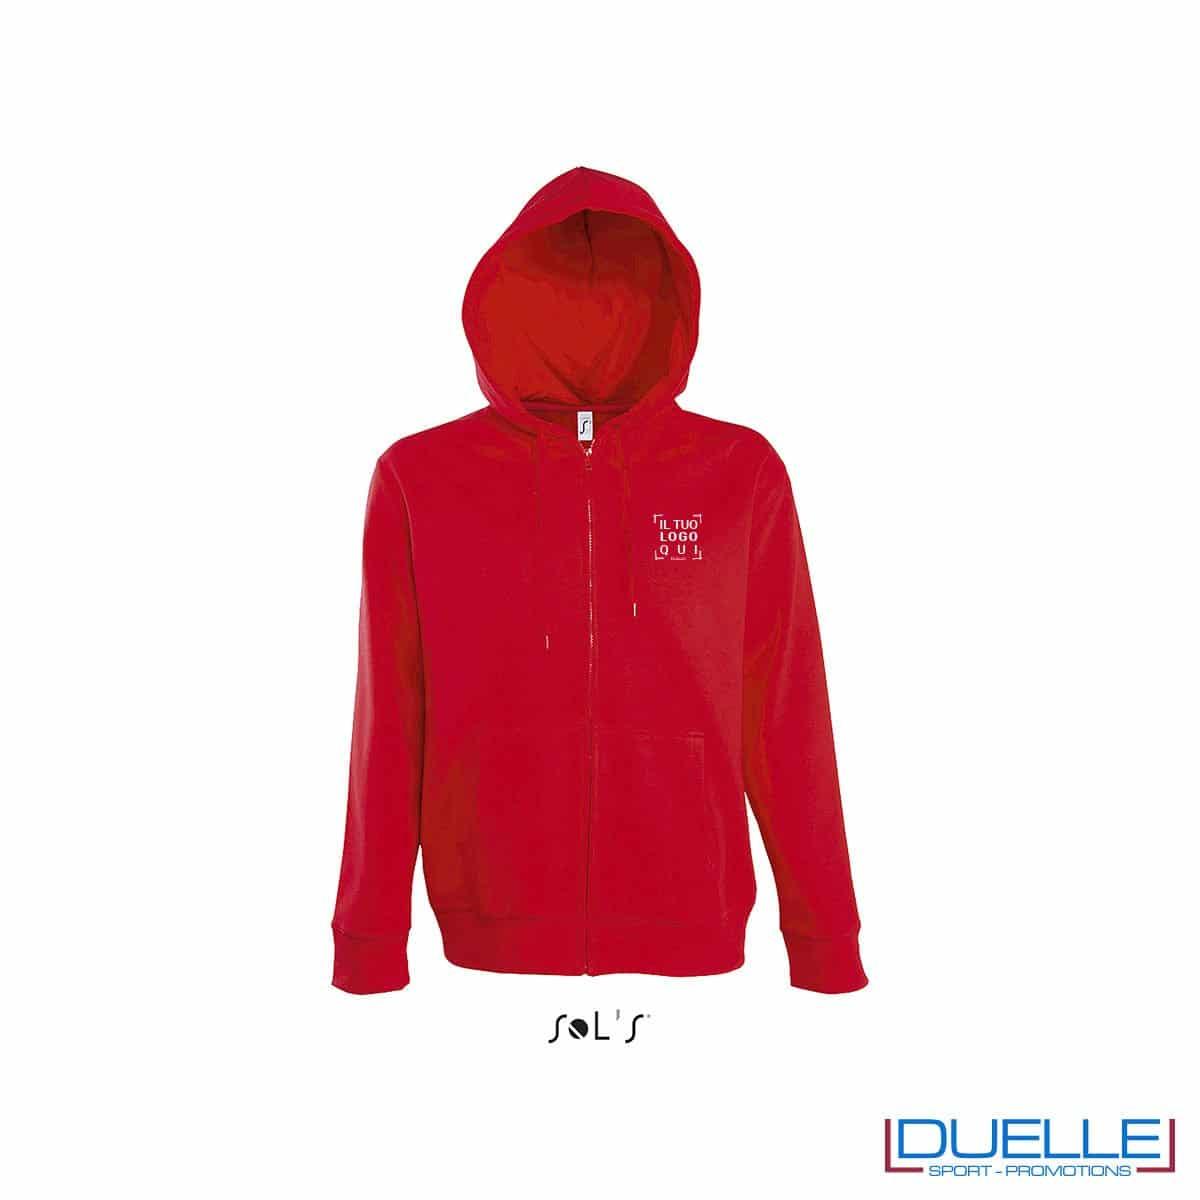 felpa personalizzata con cappuccio e zip completa colore rosso, felpa personalizzata